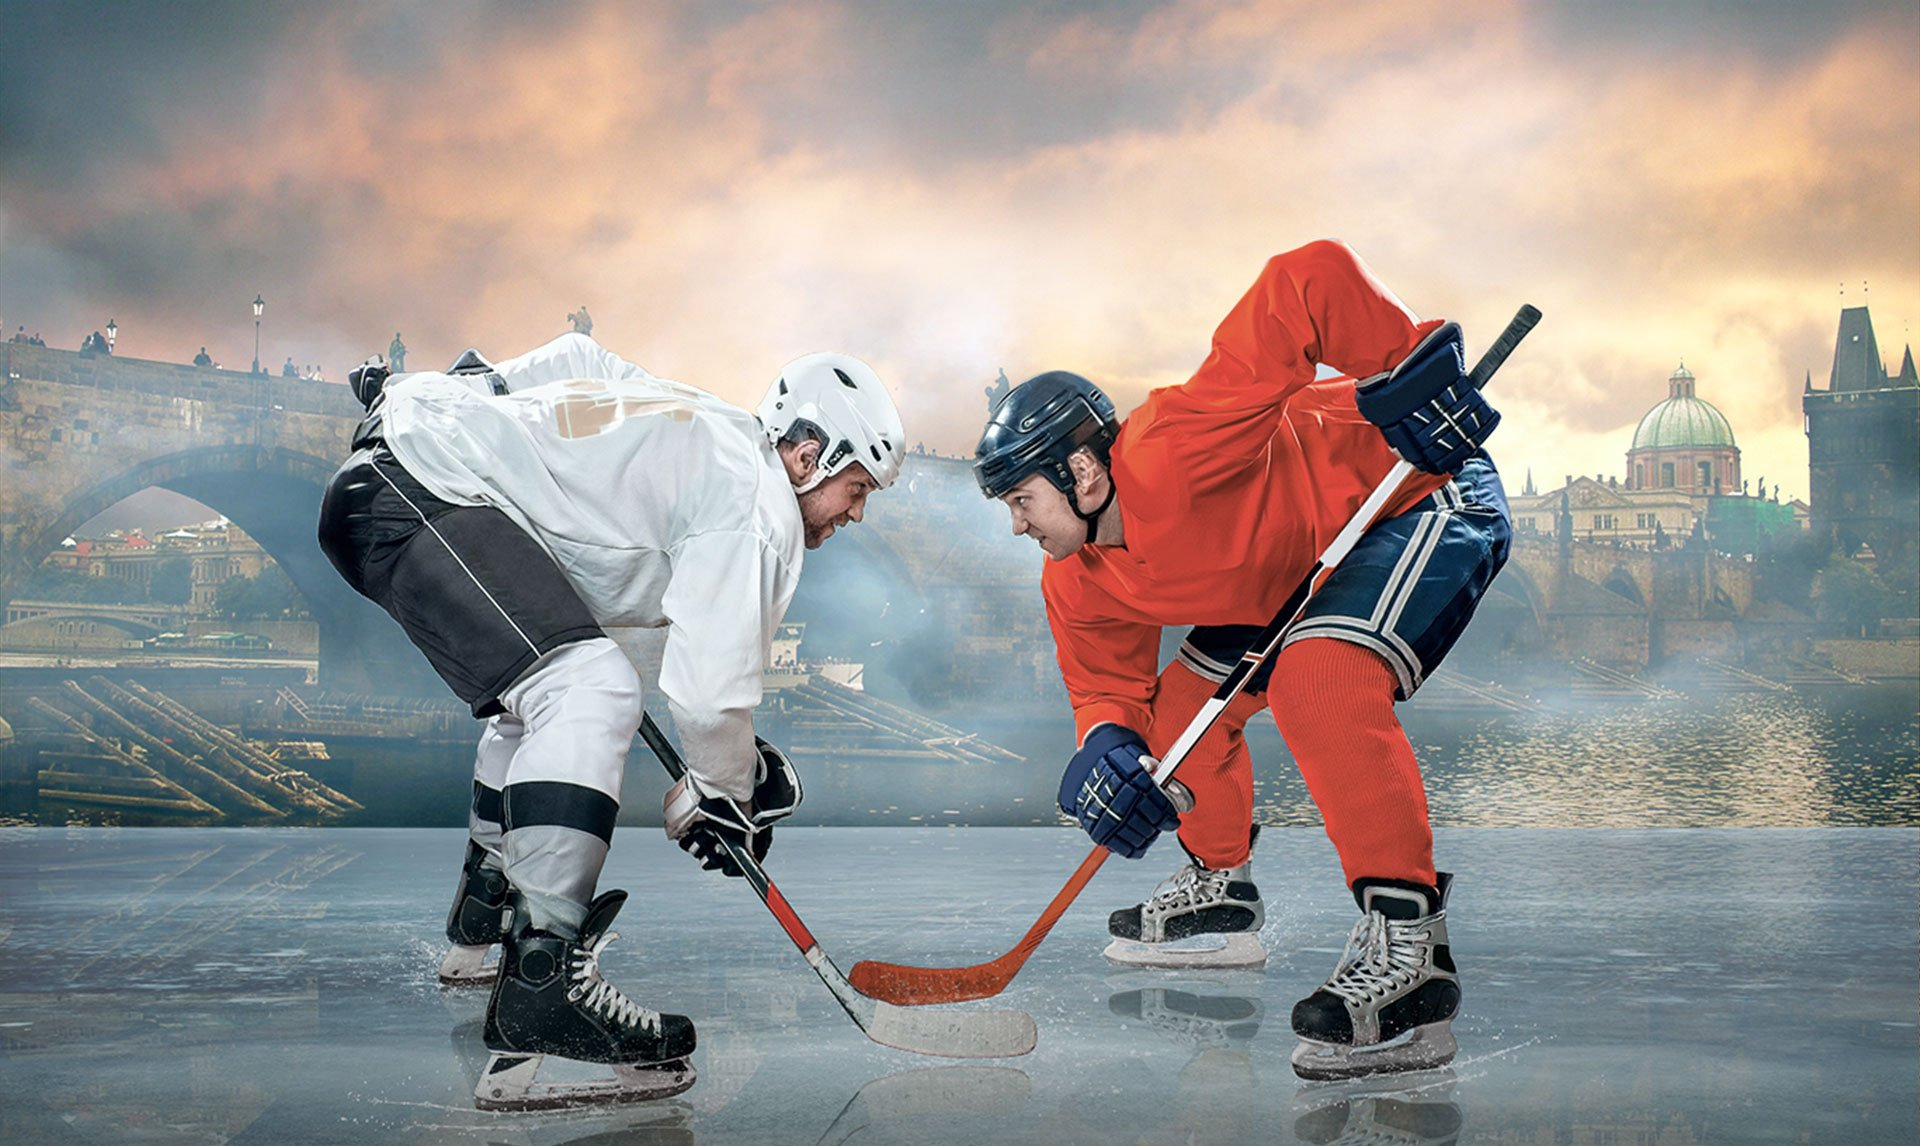 теплой хоккеист красивые картинки высокого качества сайте юита инфраструктура